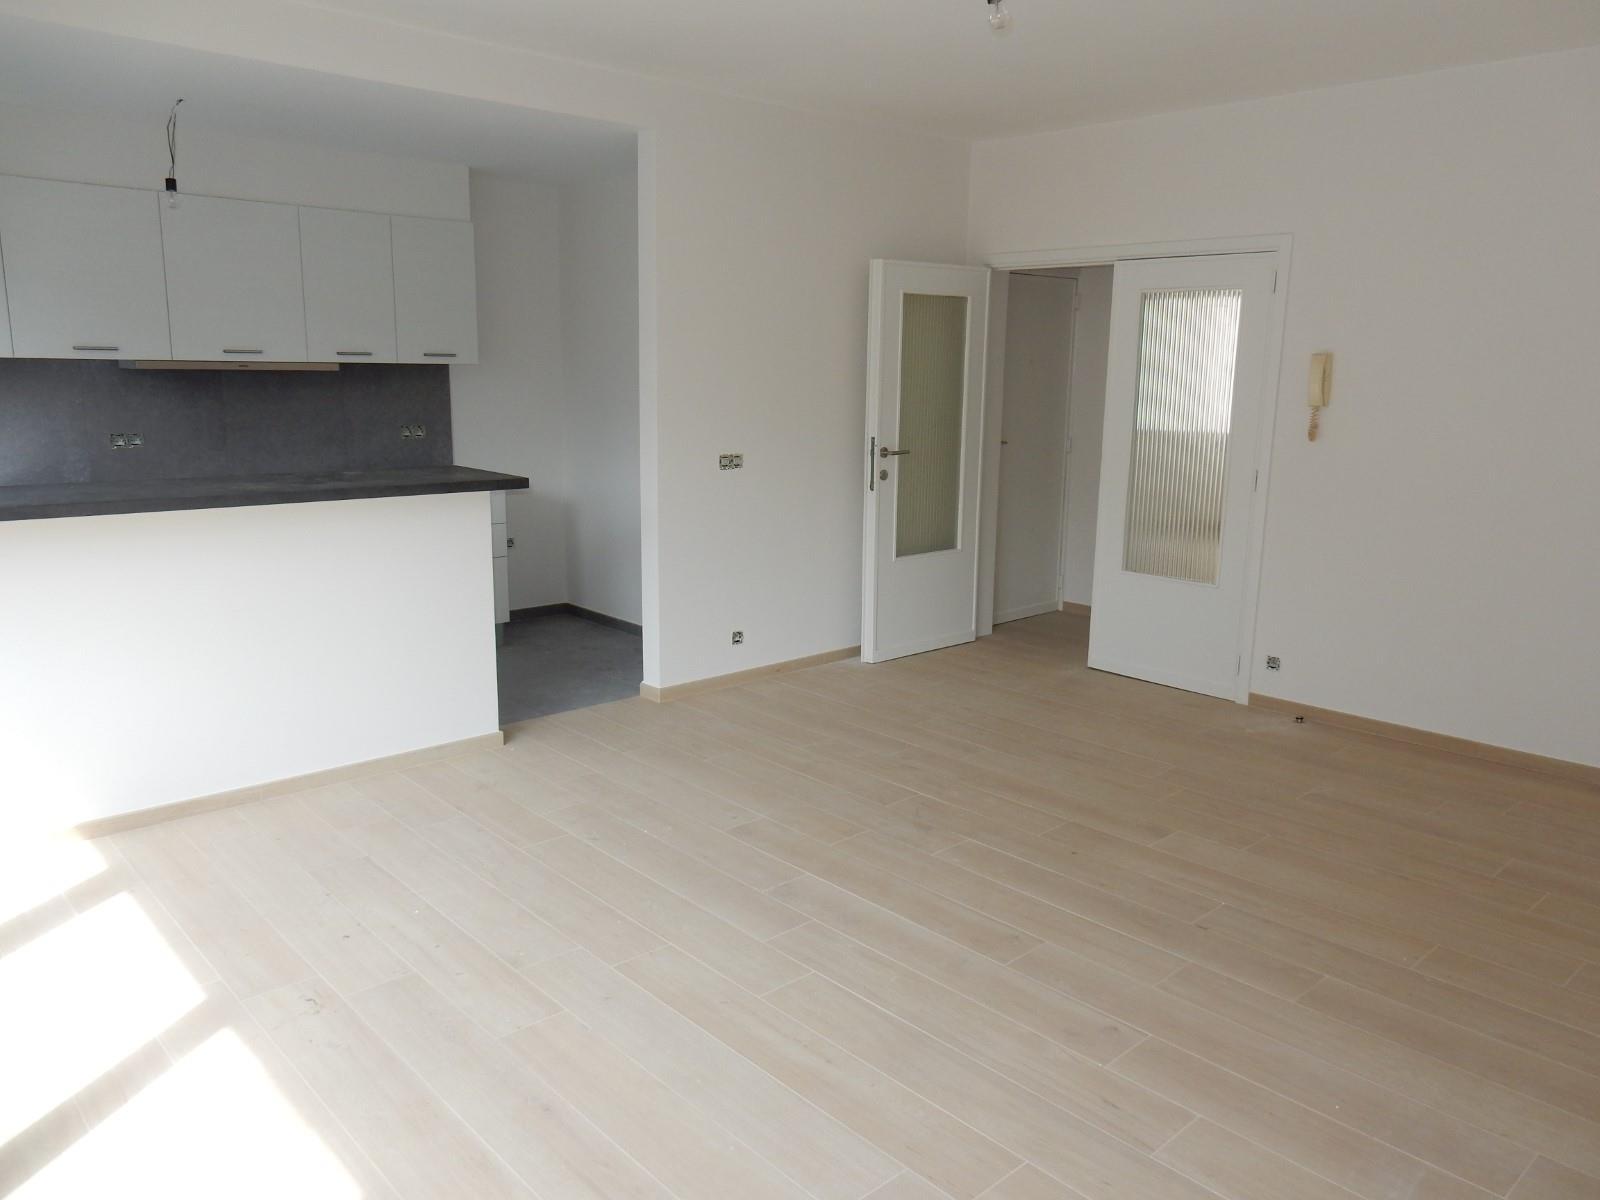 Flat - Schaerbeek - #4137628-3